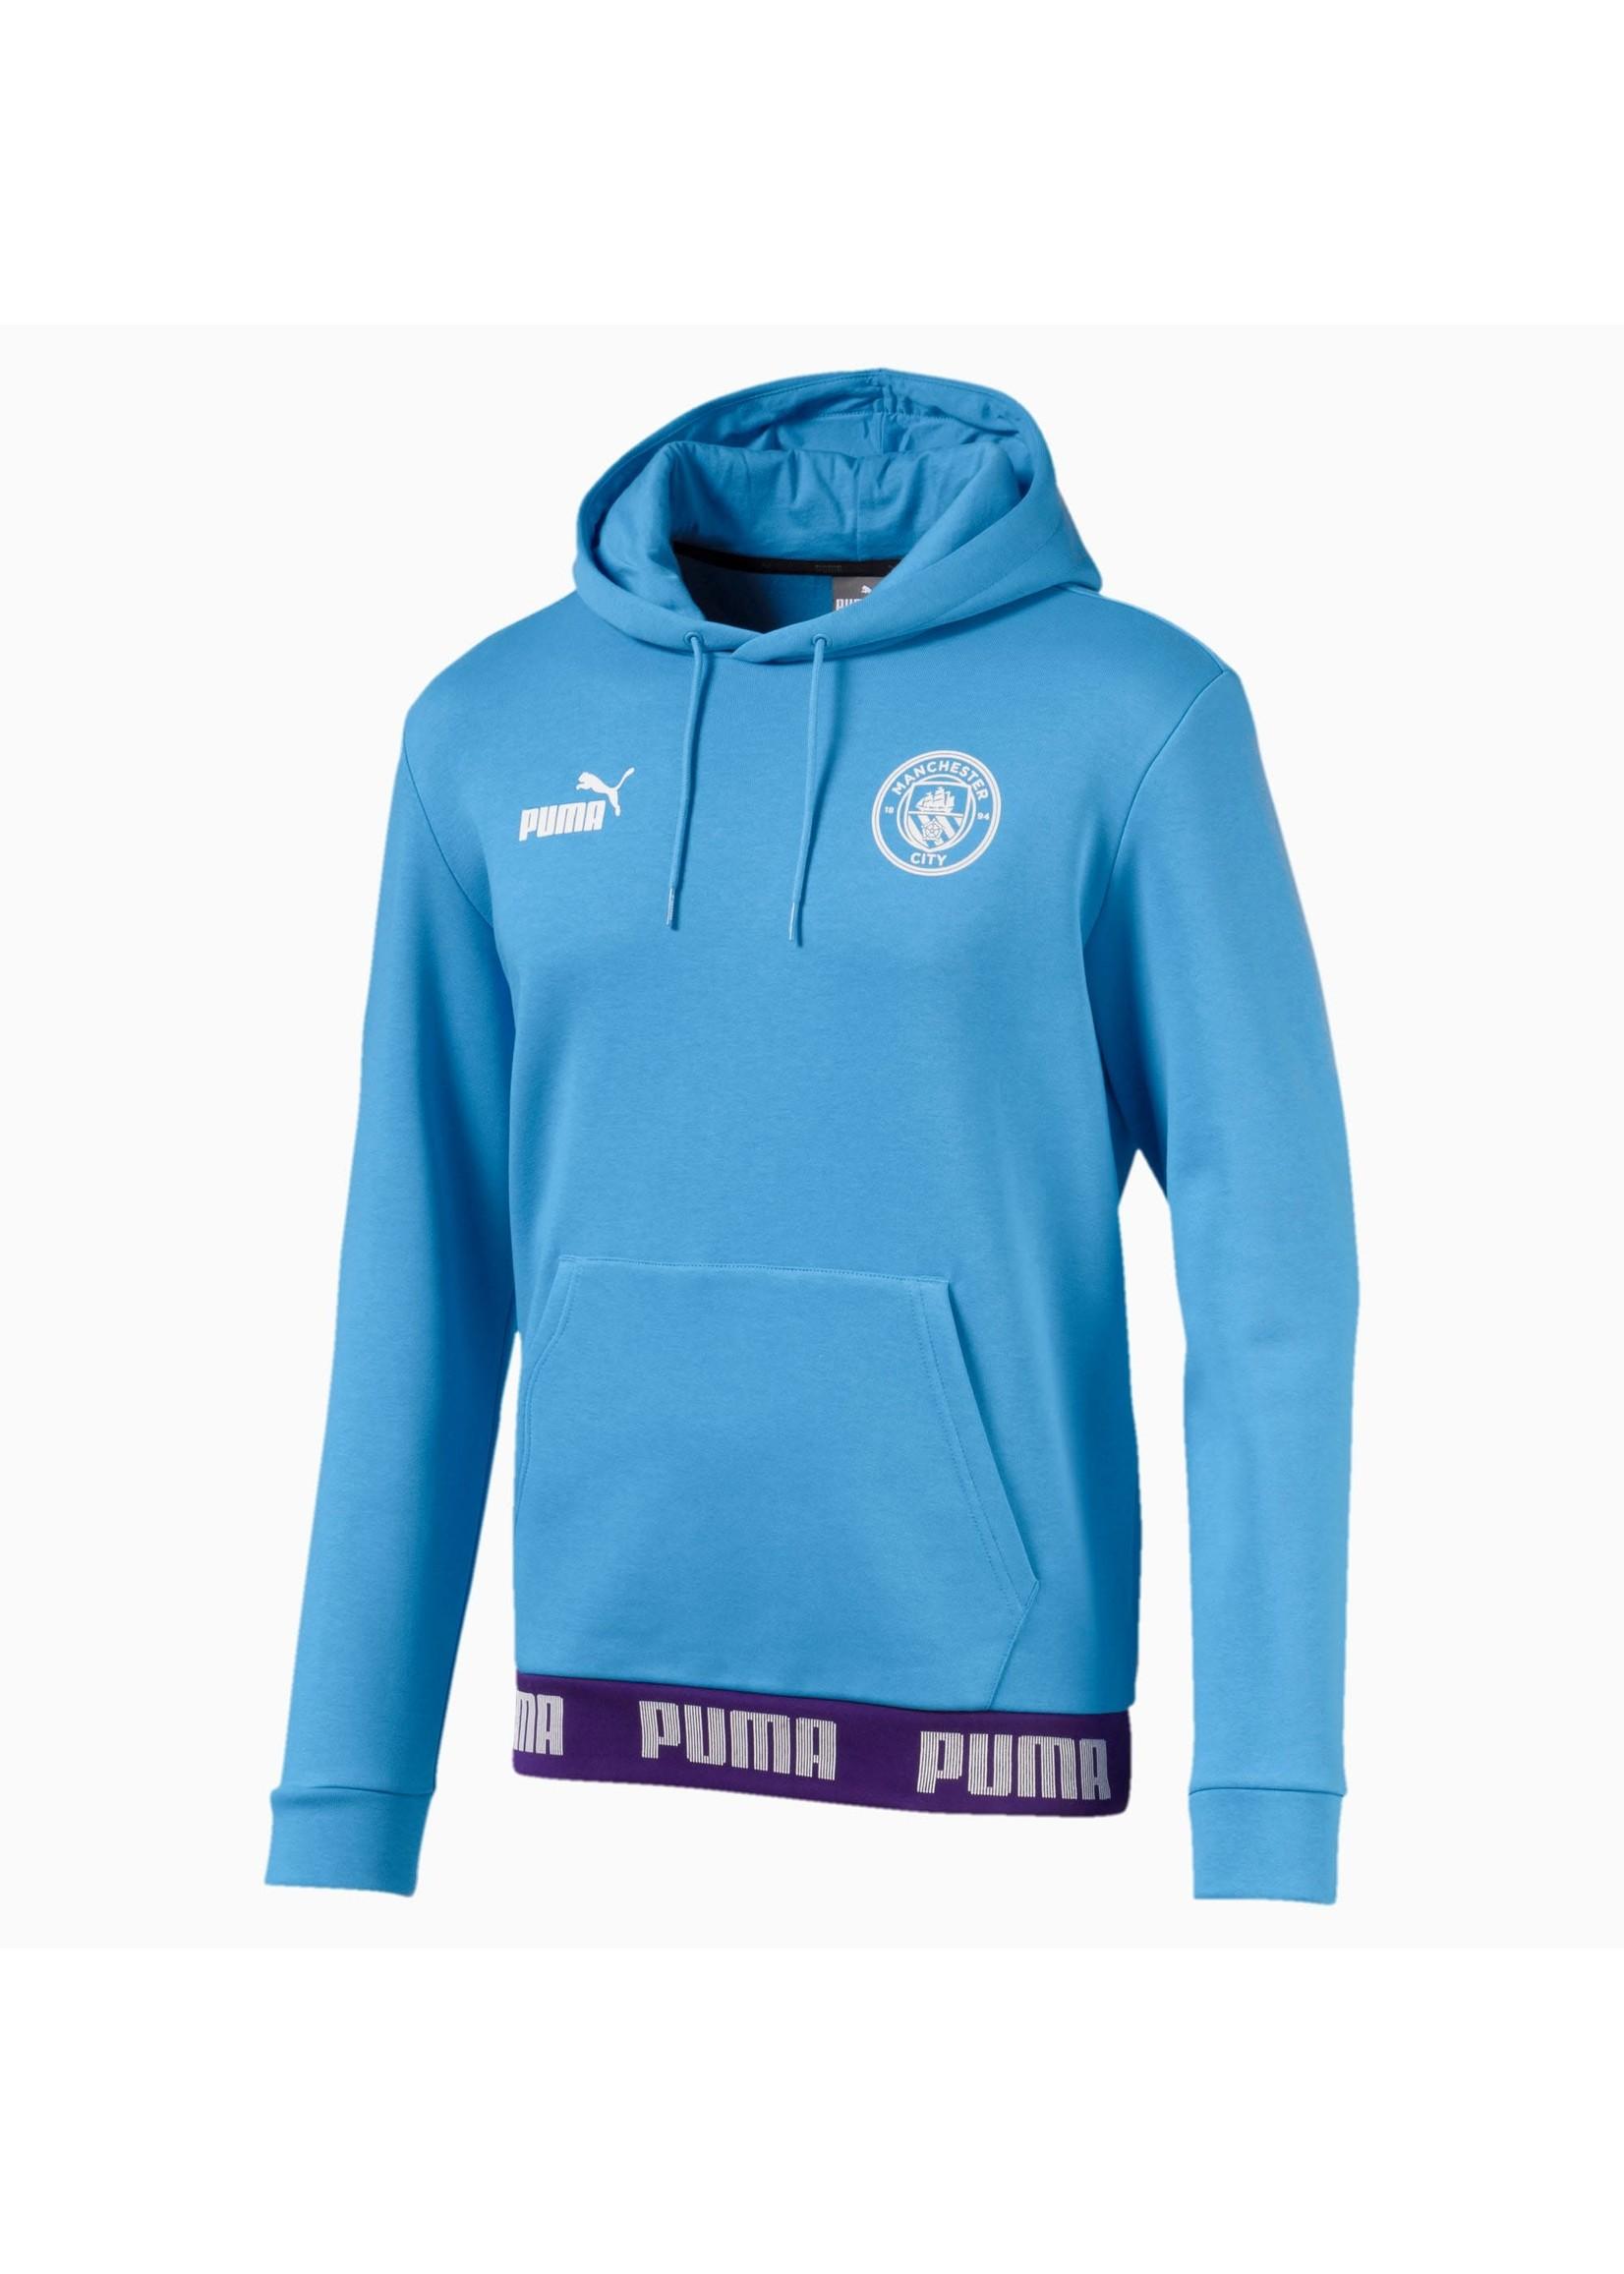 Puma Manchester City Hoodie - 19/20 Home